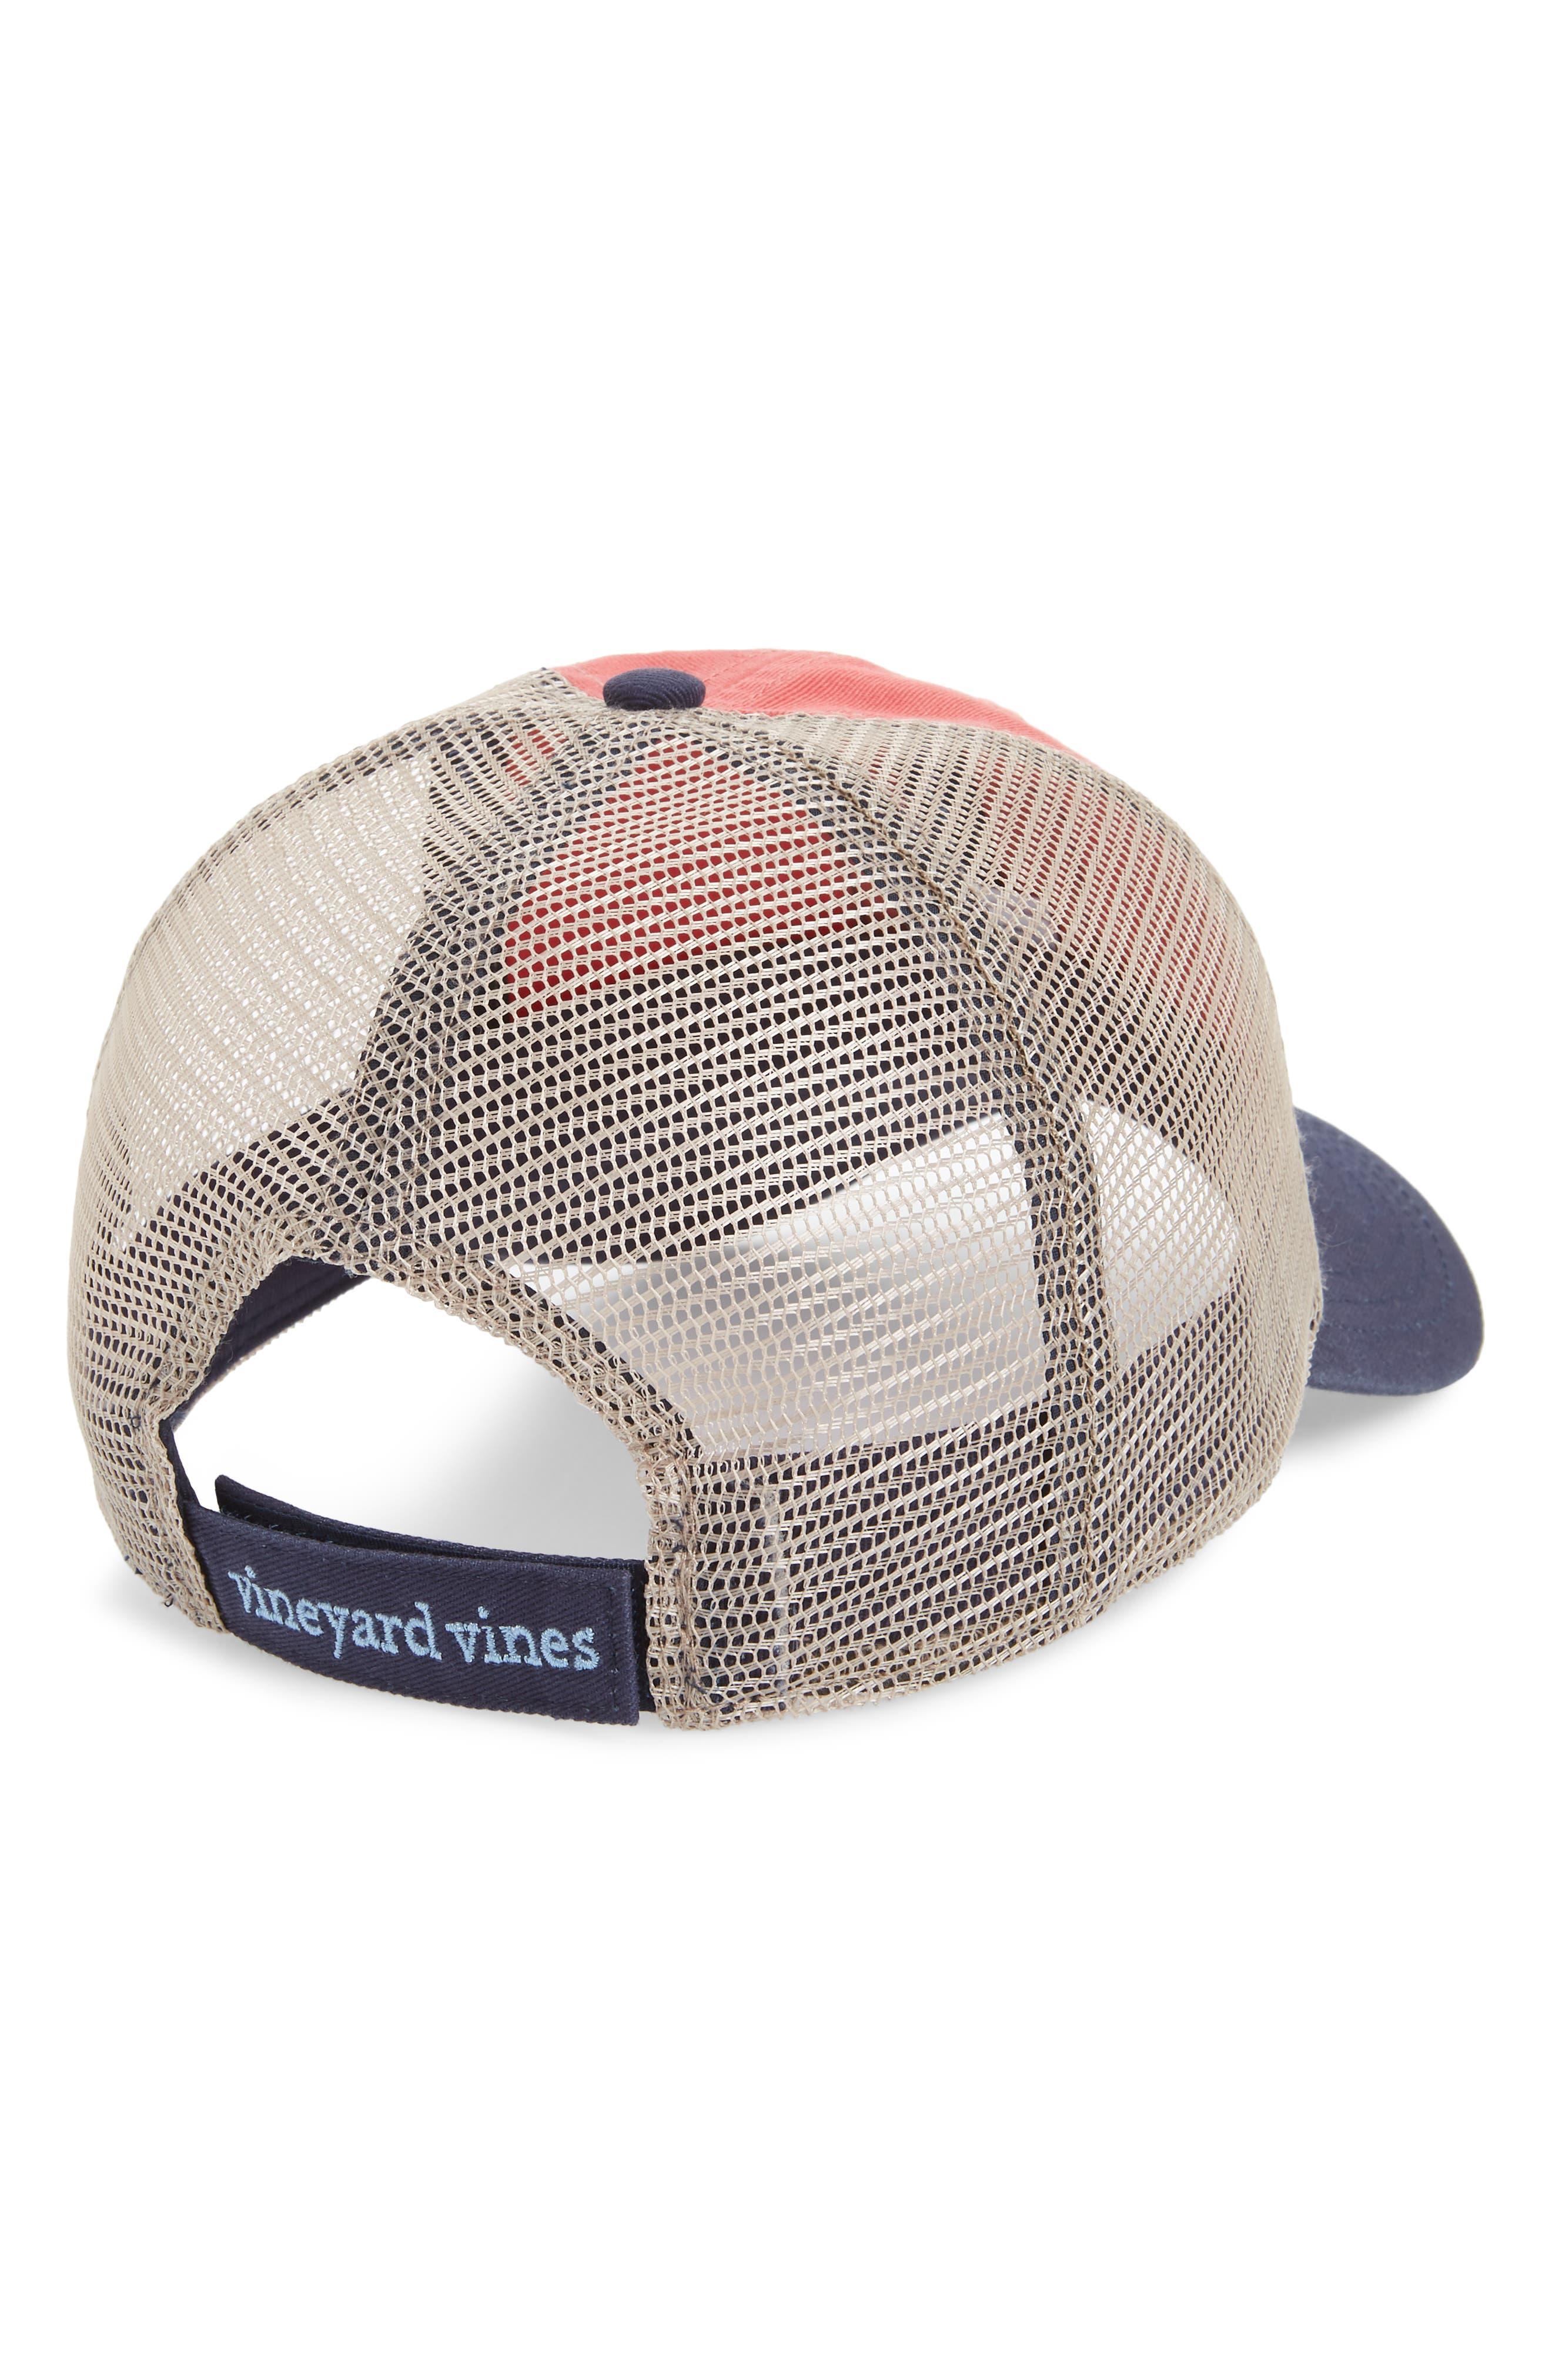 Low Pro 98 Patch Ball Cap,                             Alternate thumbnail 4, color,